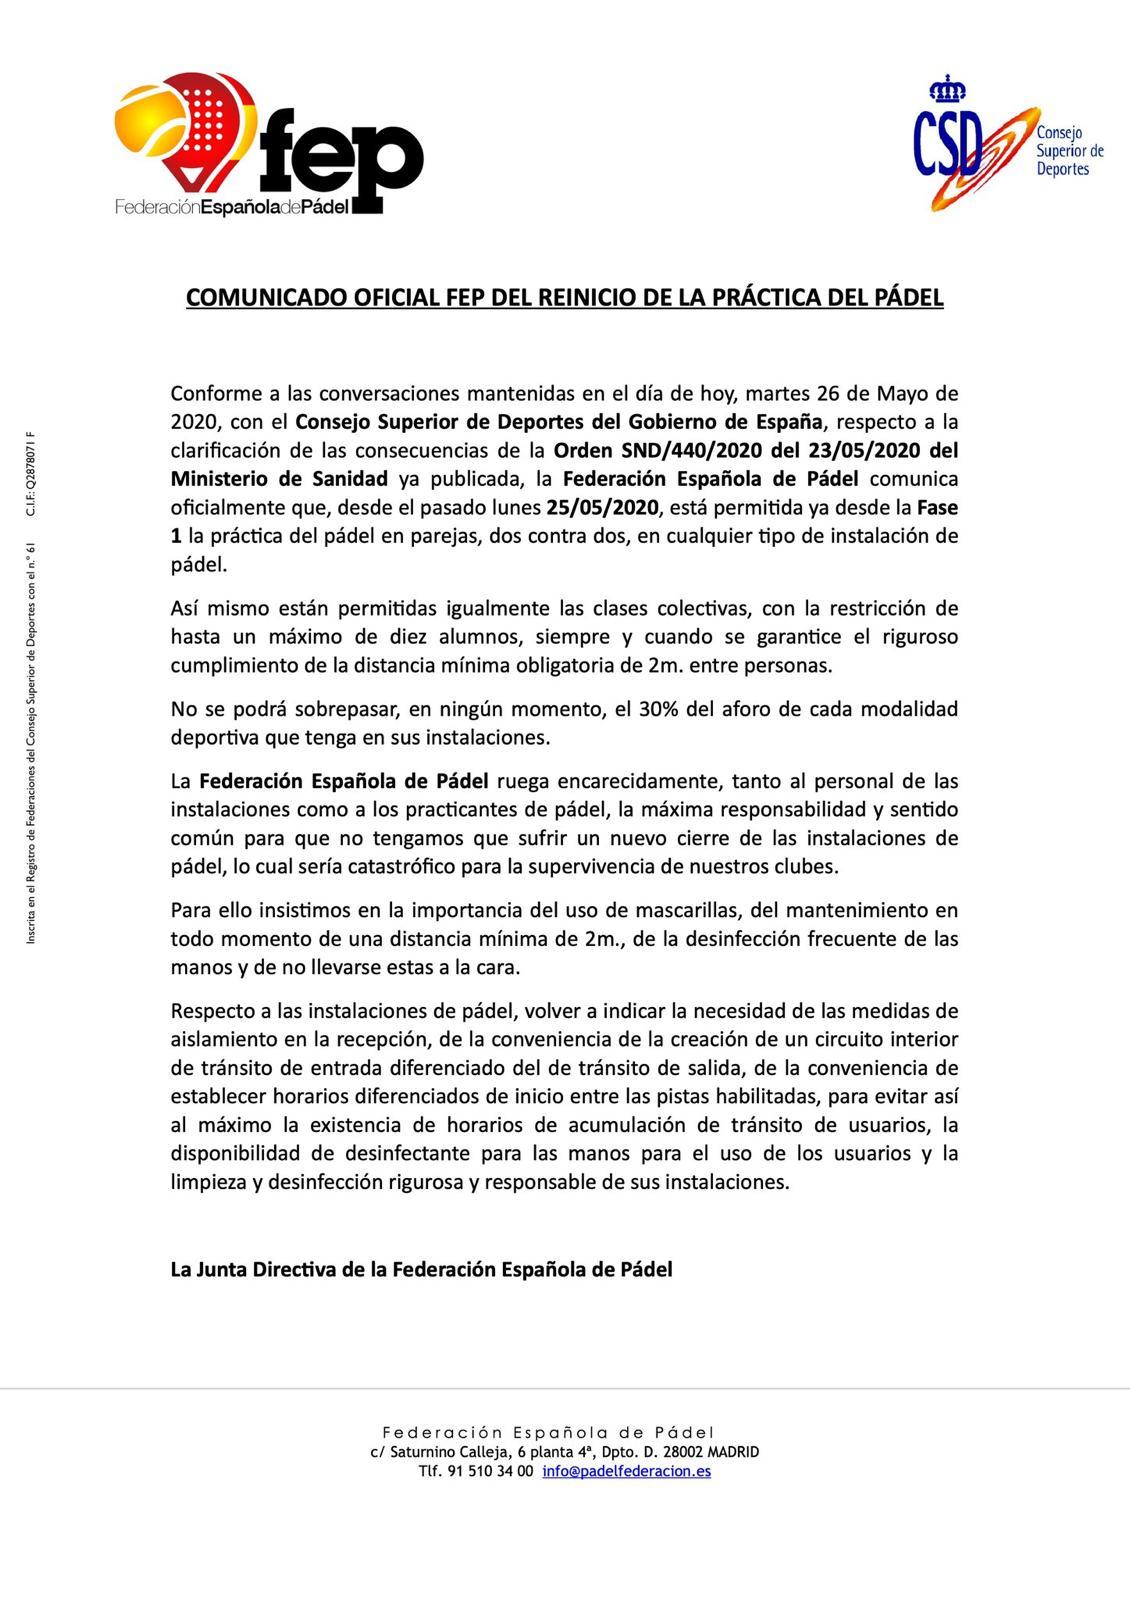 Le communiqué officiel de la FEP. | FEP